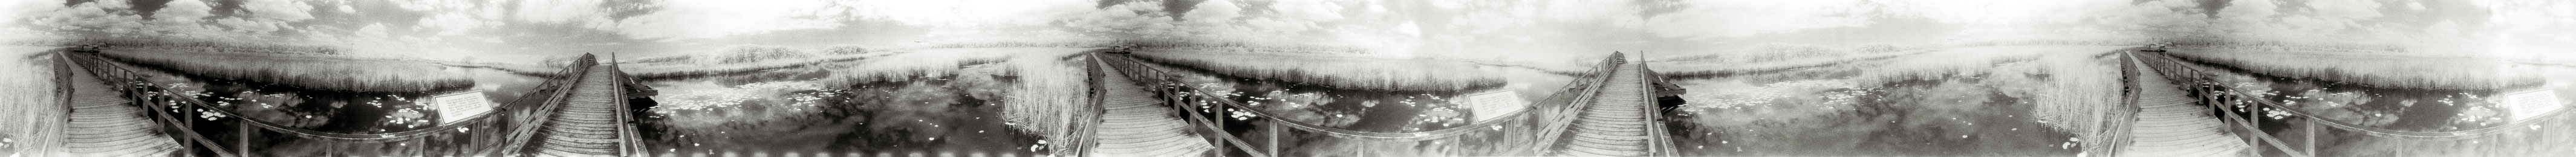 """""""Elevated Marsh Walkway"""" from the series Footprints, by William Mokrynski"""